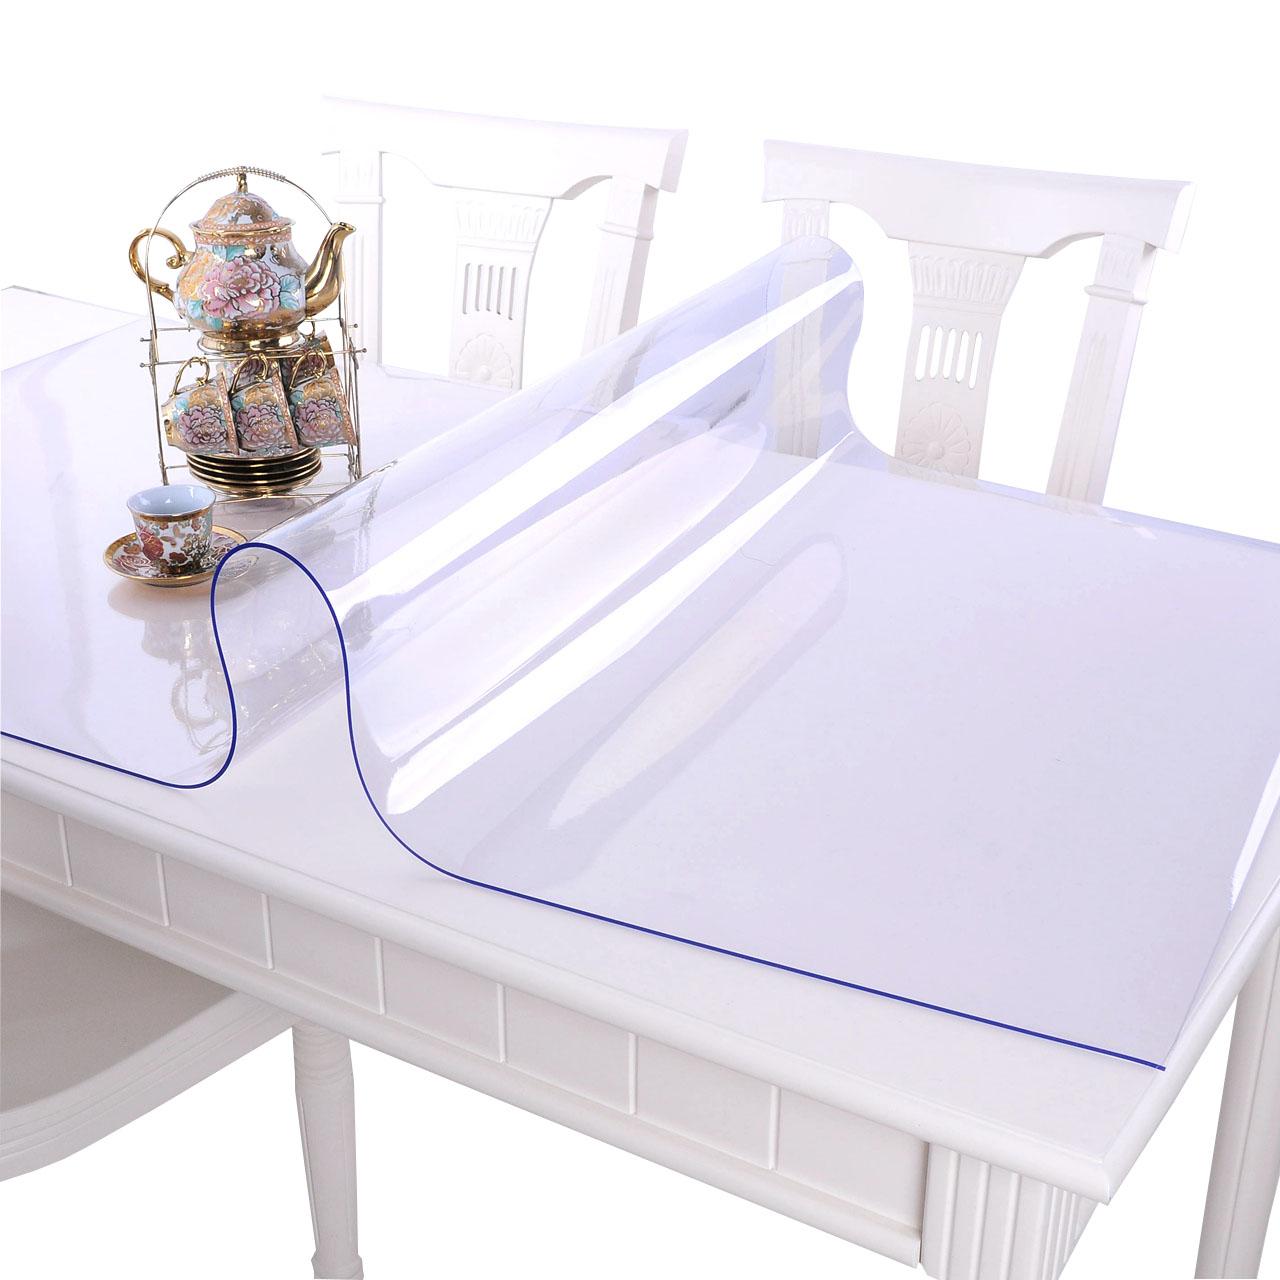 软玻璃PVC桌布防水防烫防油免洗塑料透明餐桌垫茶几网红厚水晶板_领取3.00元天猫超市优惠券